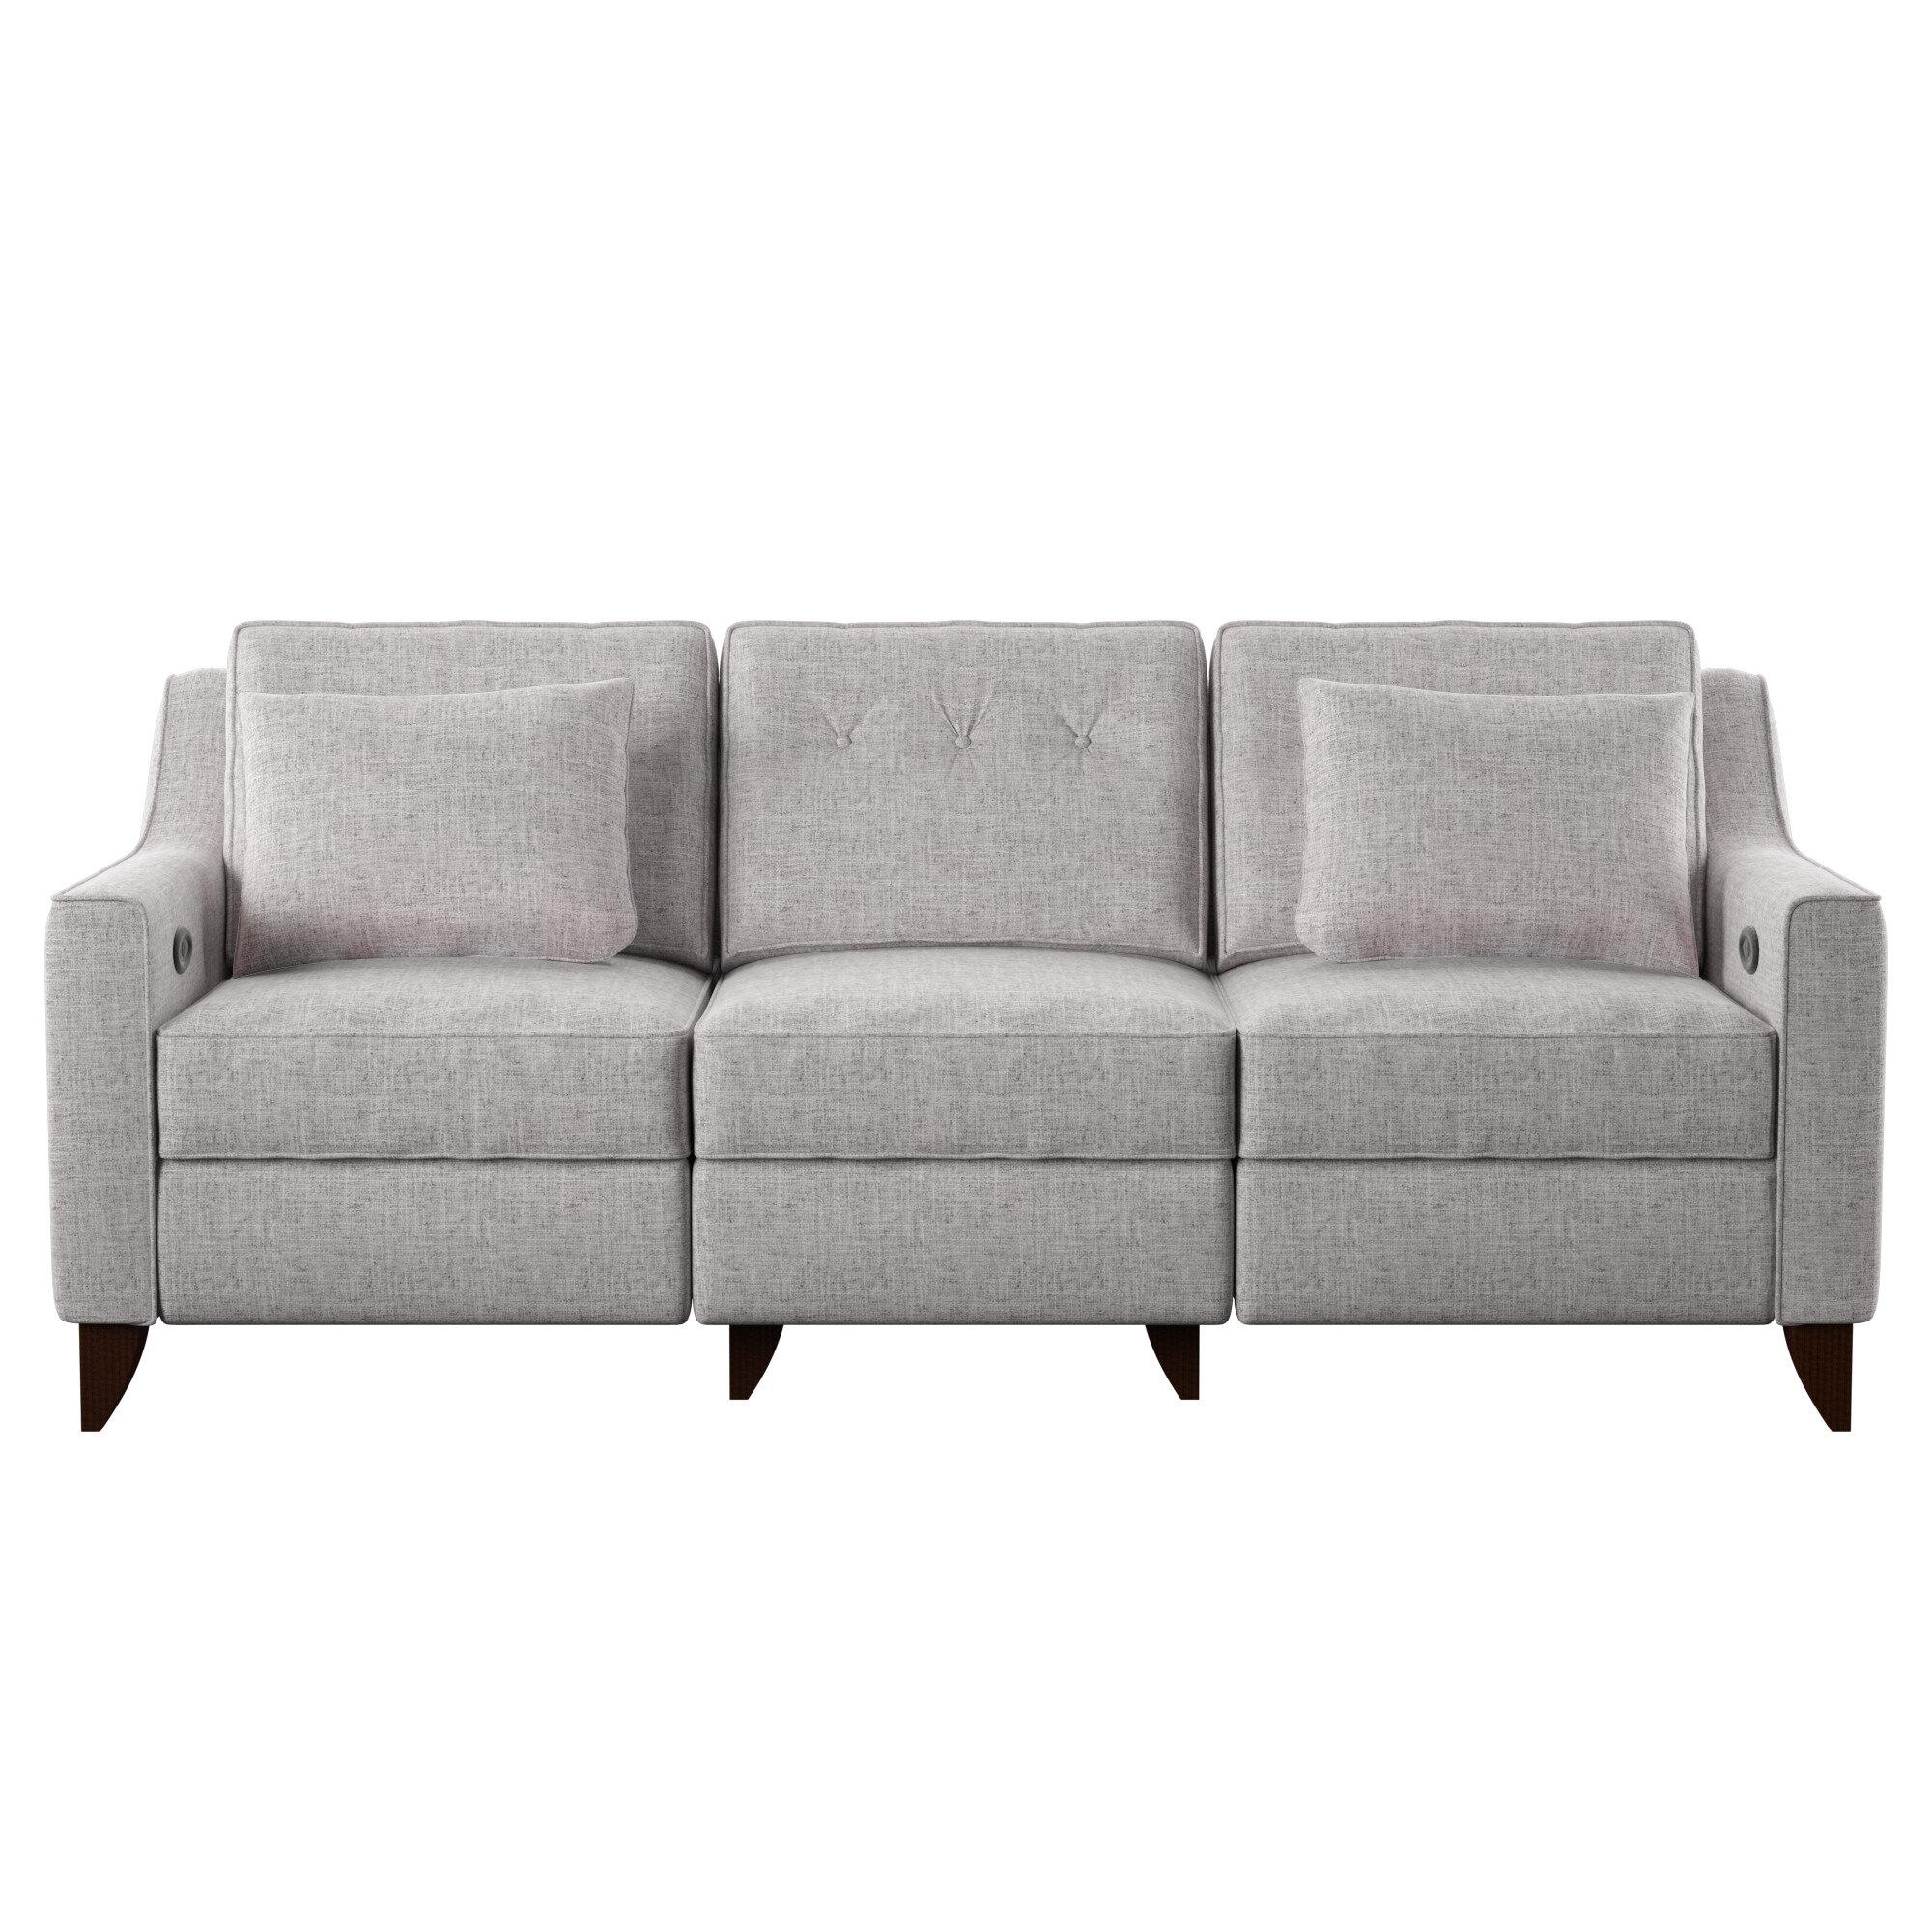 Magnificent Wayfair Custom Upholstery Logan Reclining Sofa Reviews Unemploymentrelief Wooden Chair Designs For Living Room Unemploymentrelieforg